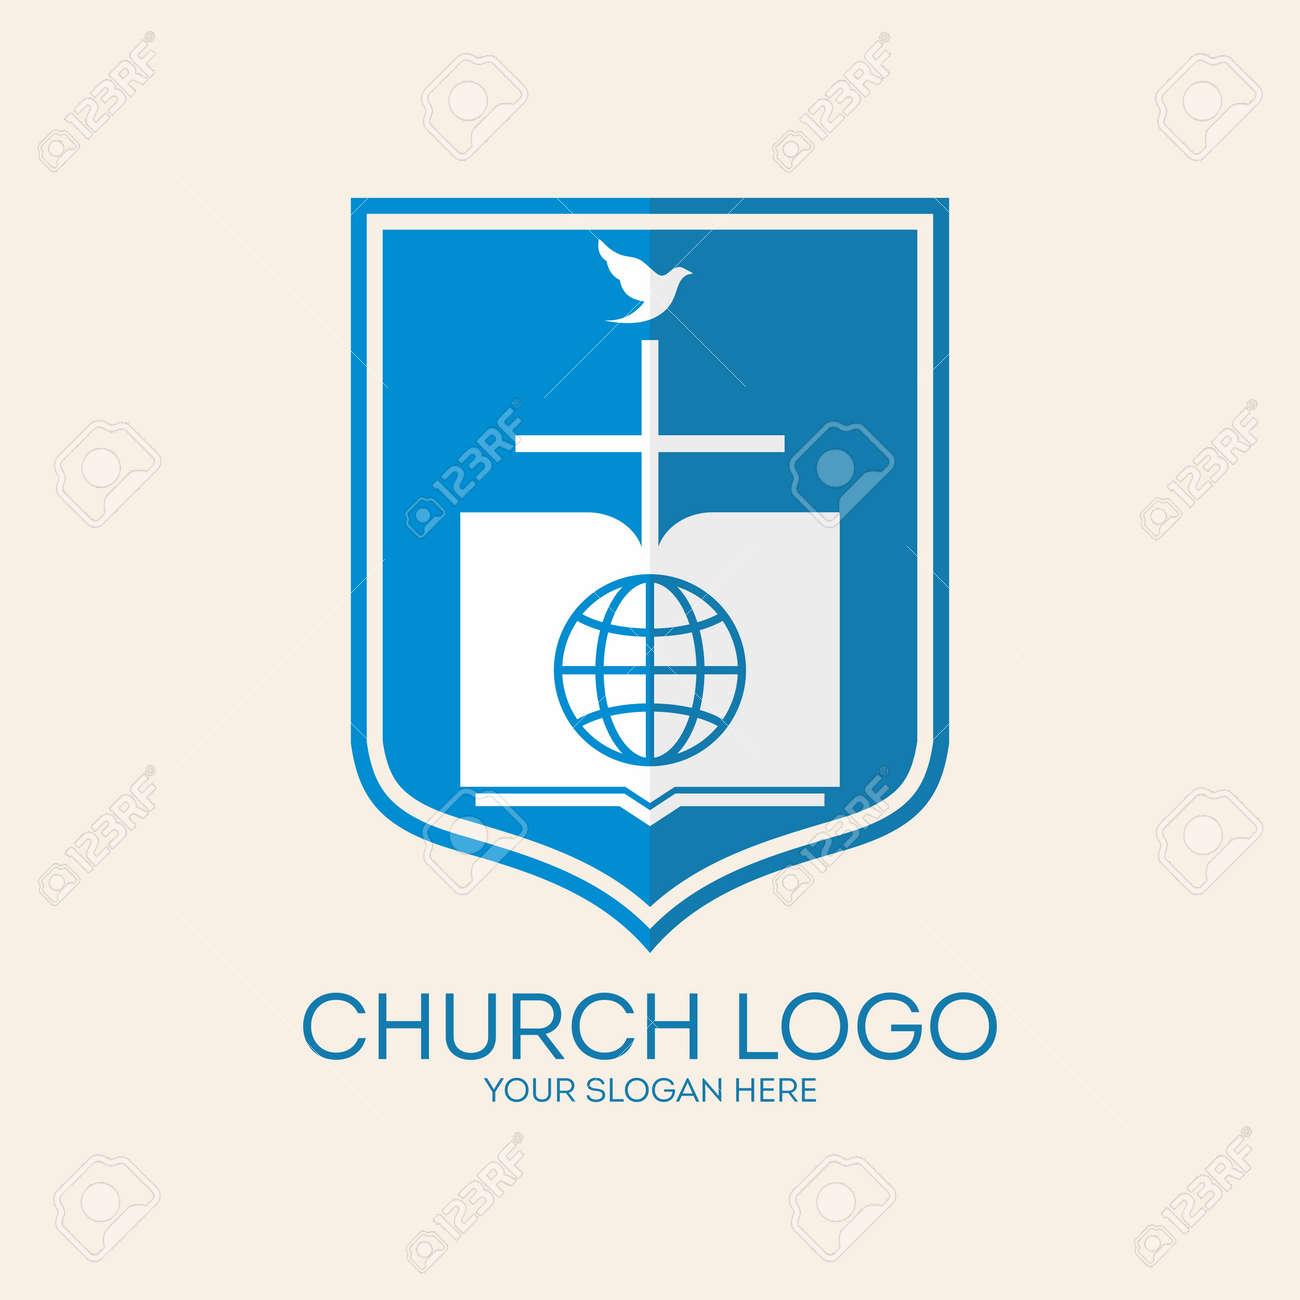 Church logo shield cross globe bible dove pages missions church logo shield cross globe bible dove pages missions thecheapjerseys Gallery